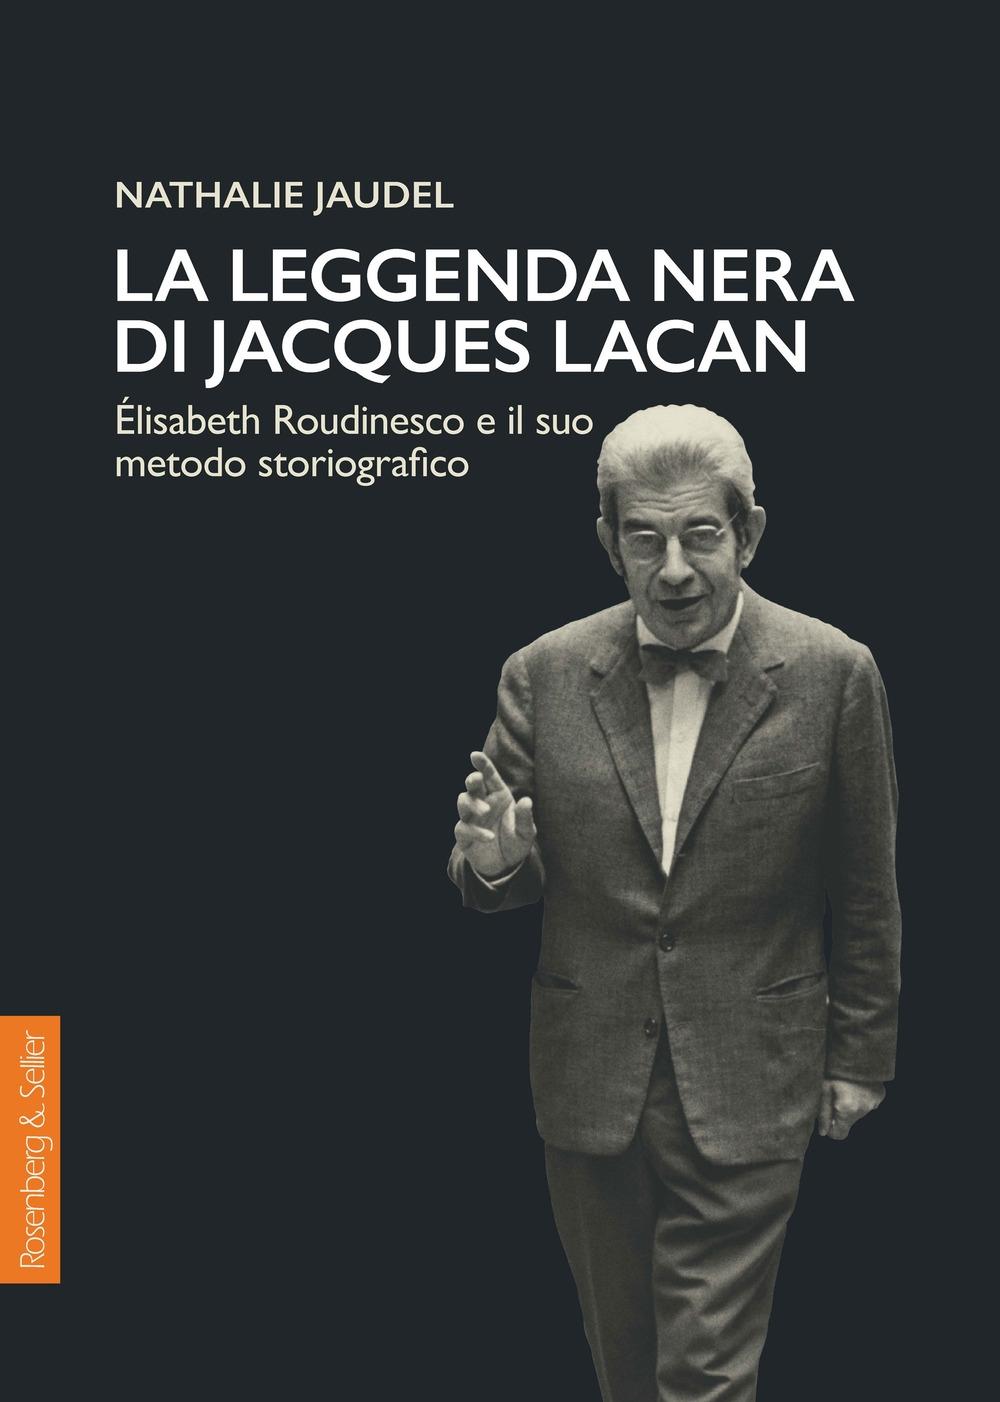 La leggenda nera di Jacques Lacan. Élisabeth Roudinesco e il suo metodo storiografico - Jaudel Nathalie